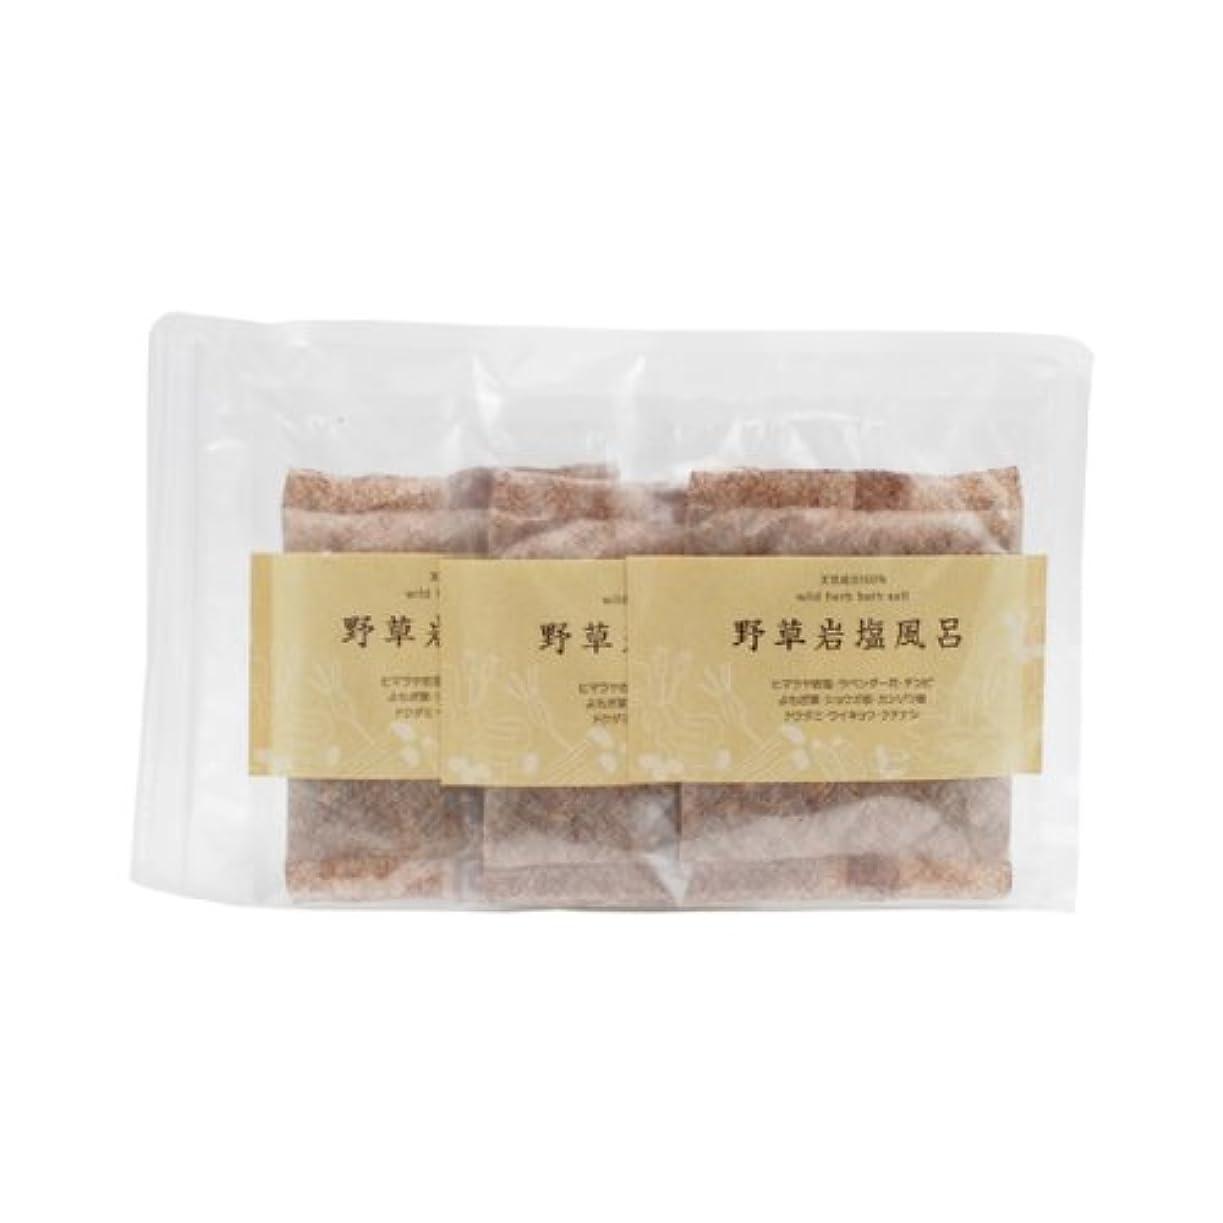 風邪をひく土地最高野草岩塩風呂 1包タイプ 3包お試しセット